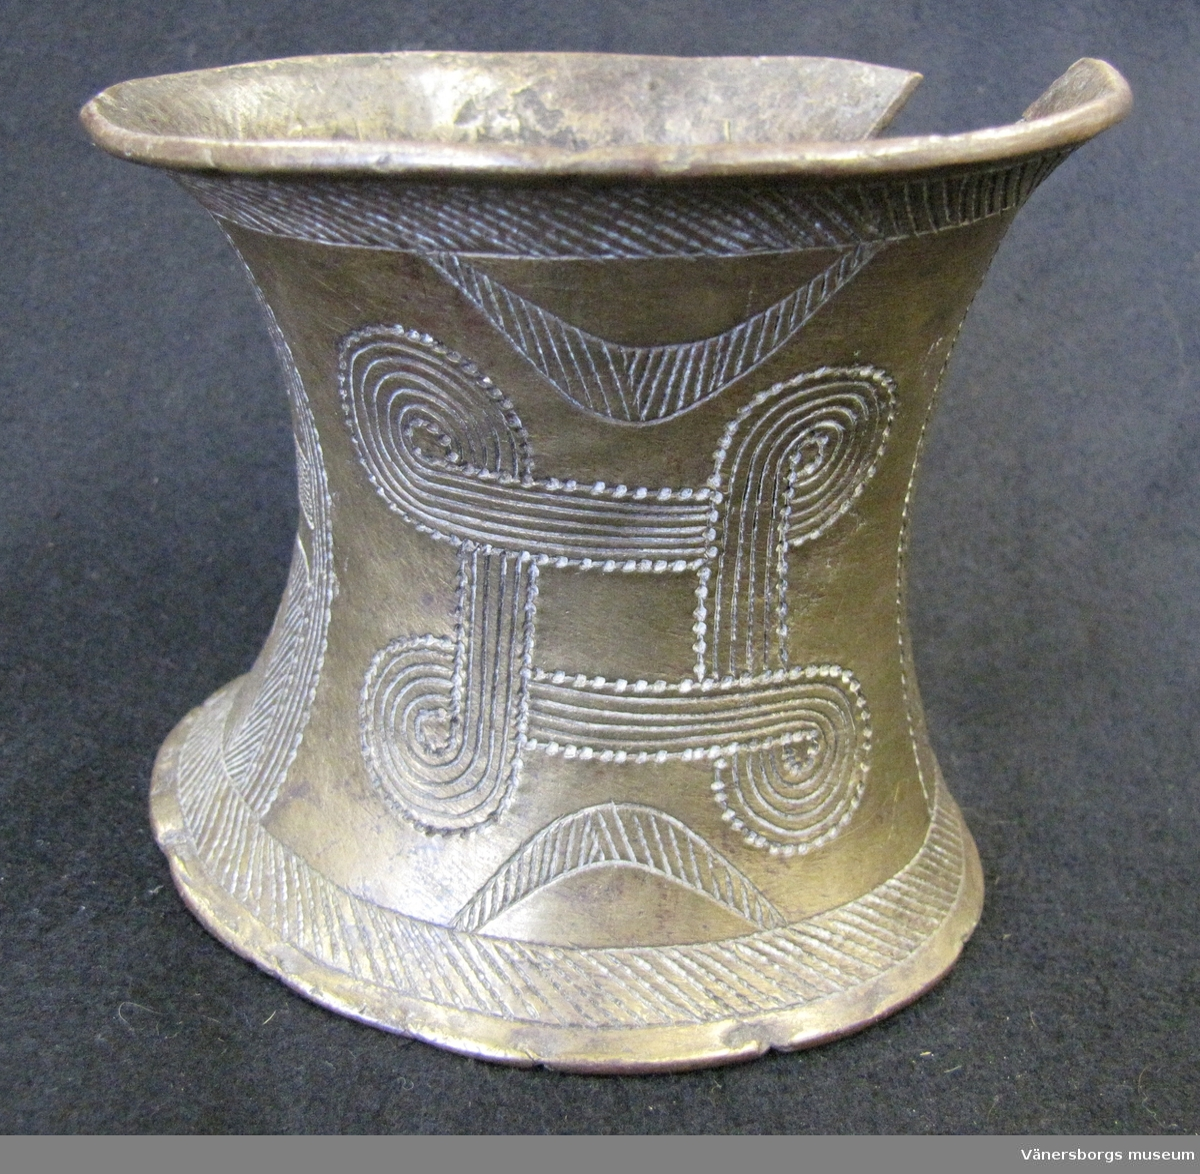 Armband, cylindriskt konkav i formen. Ena sidan av armbandet är öpen. Armbandet är rikt dekorerad med graverade mönster.